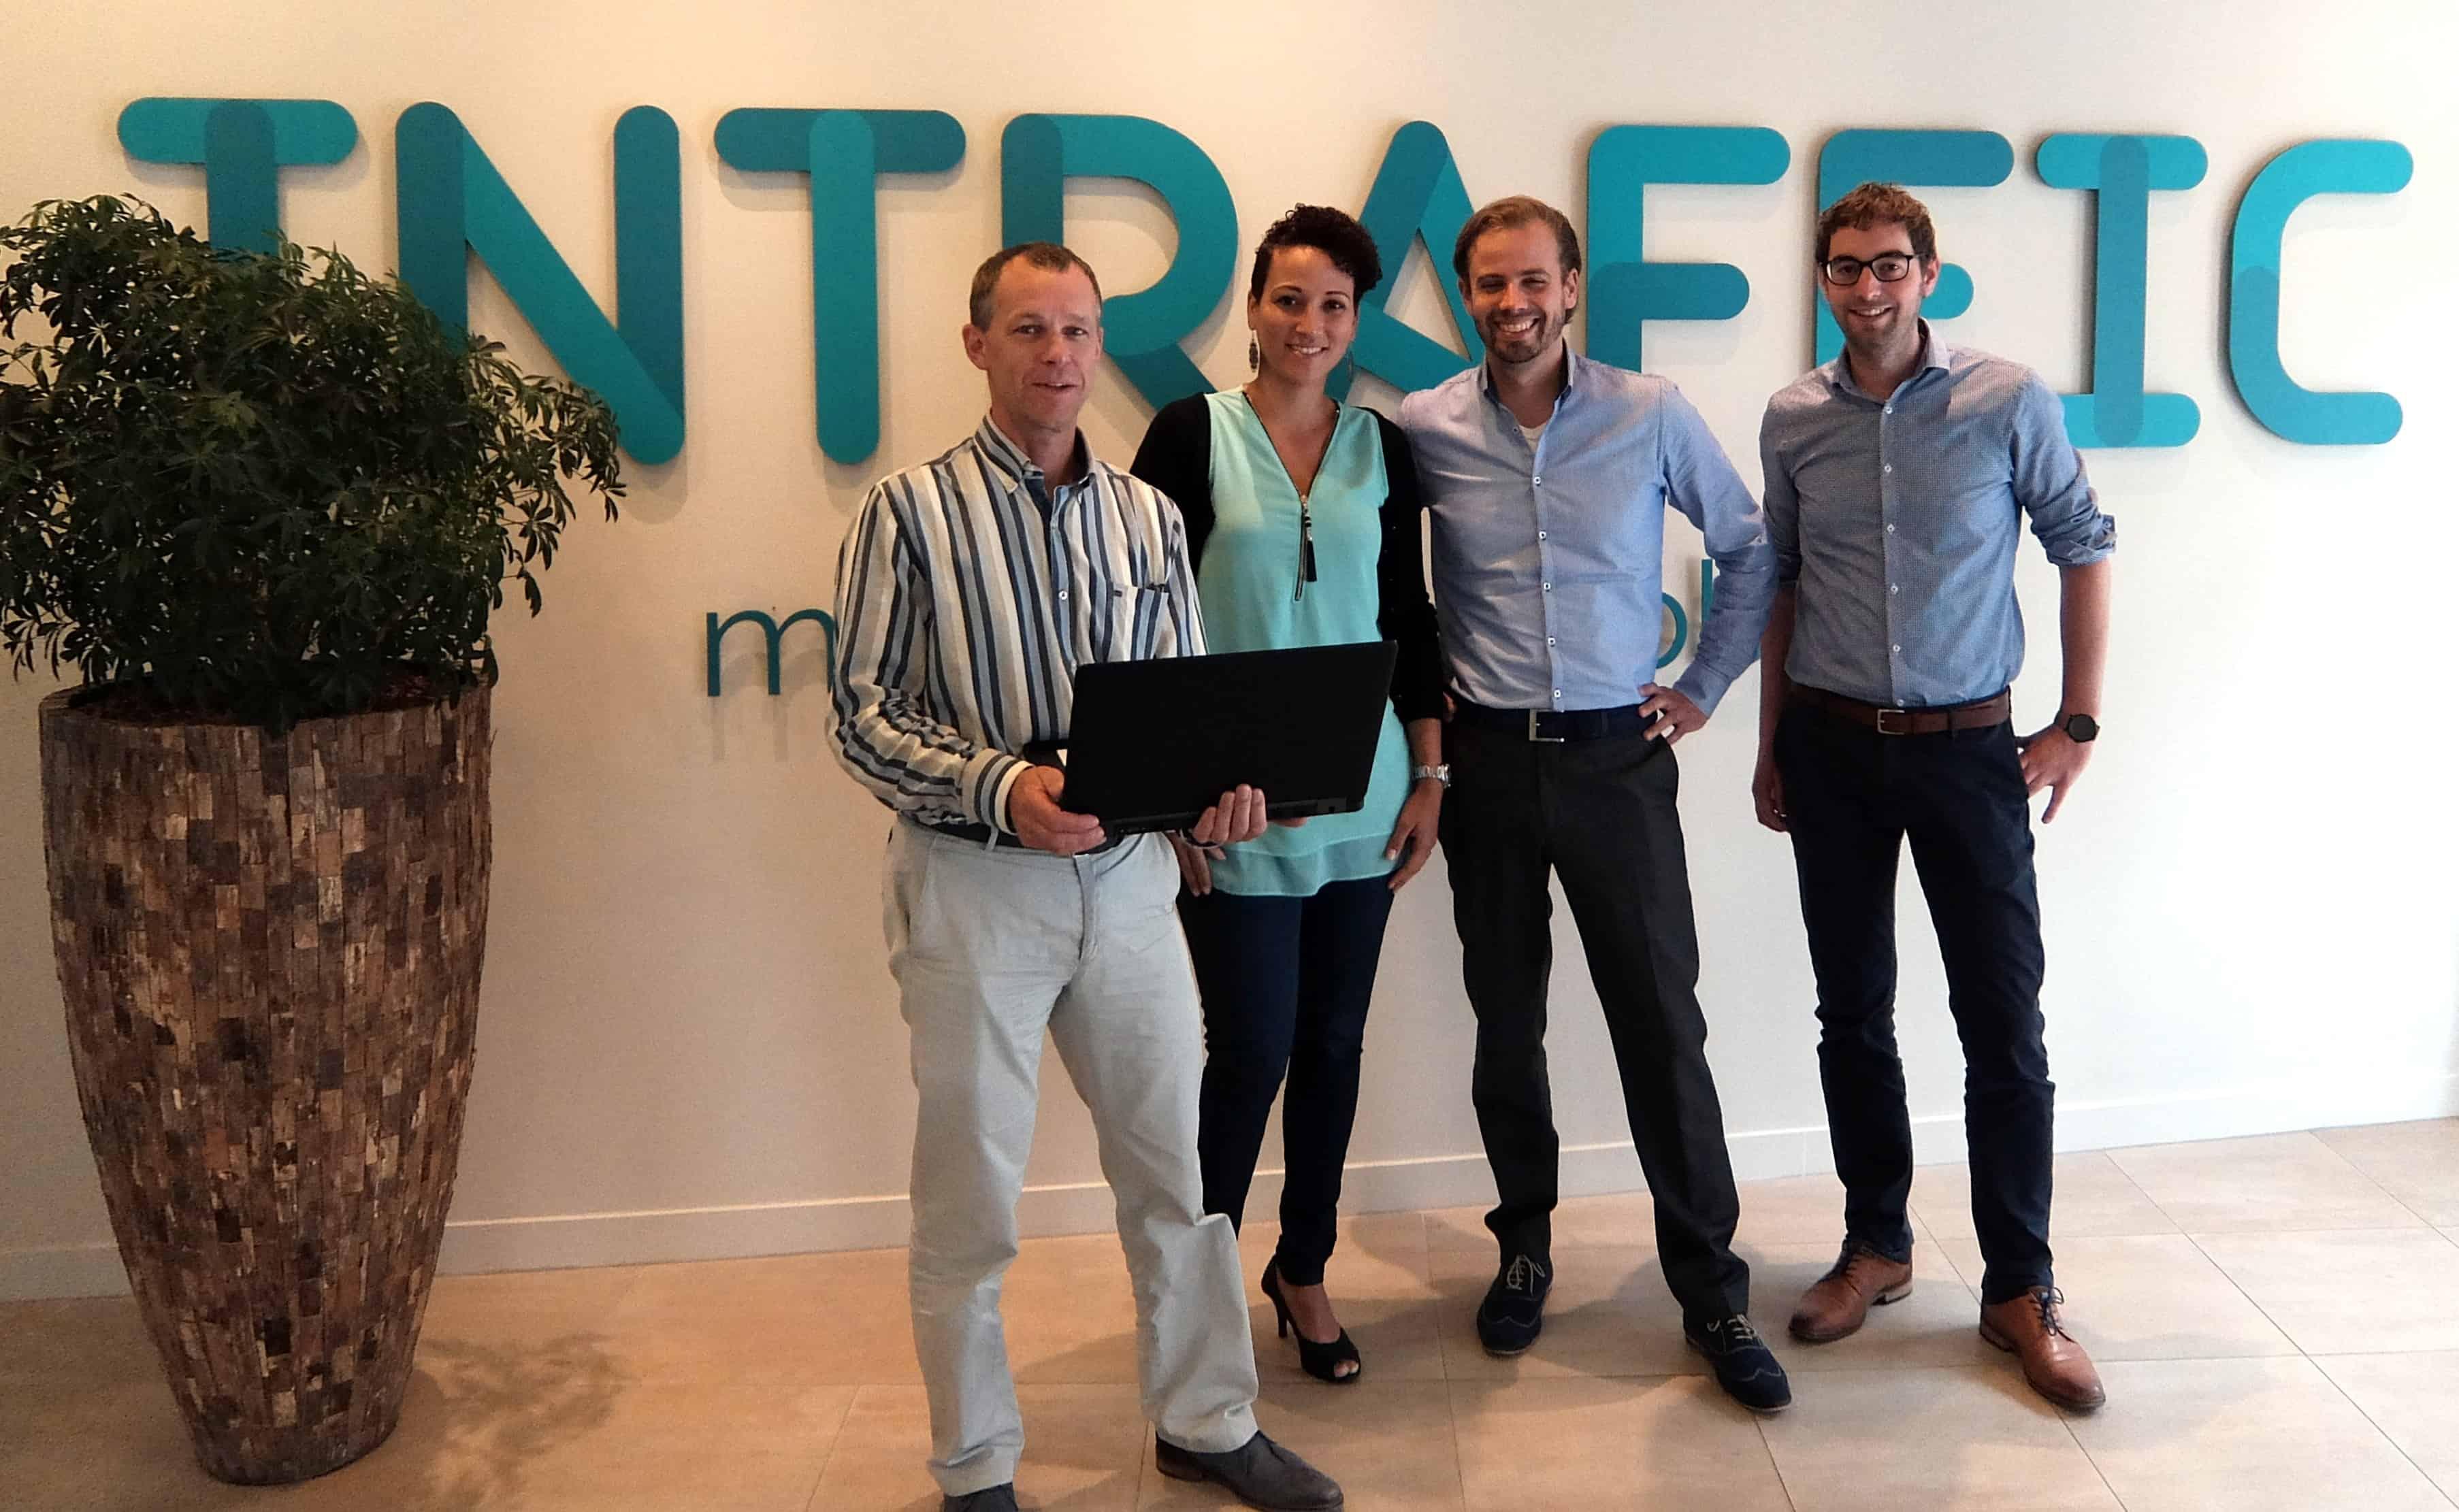 Jaap Boumans van InTraffic samen met de bij Intraffic ingezette Polteq testprofessionals Cinthya Poulina, Robin van Groesen en Roel van den Assem.